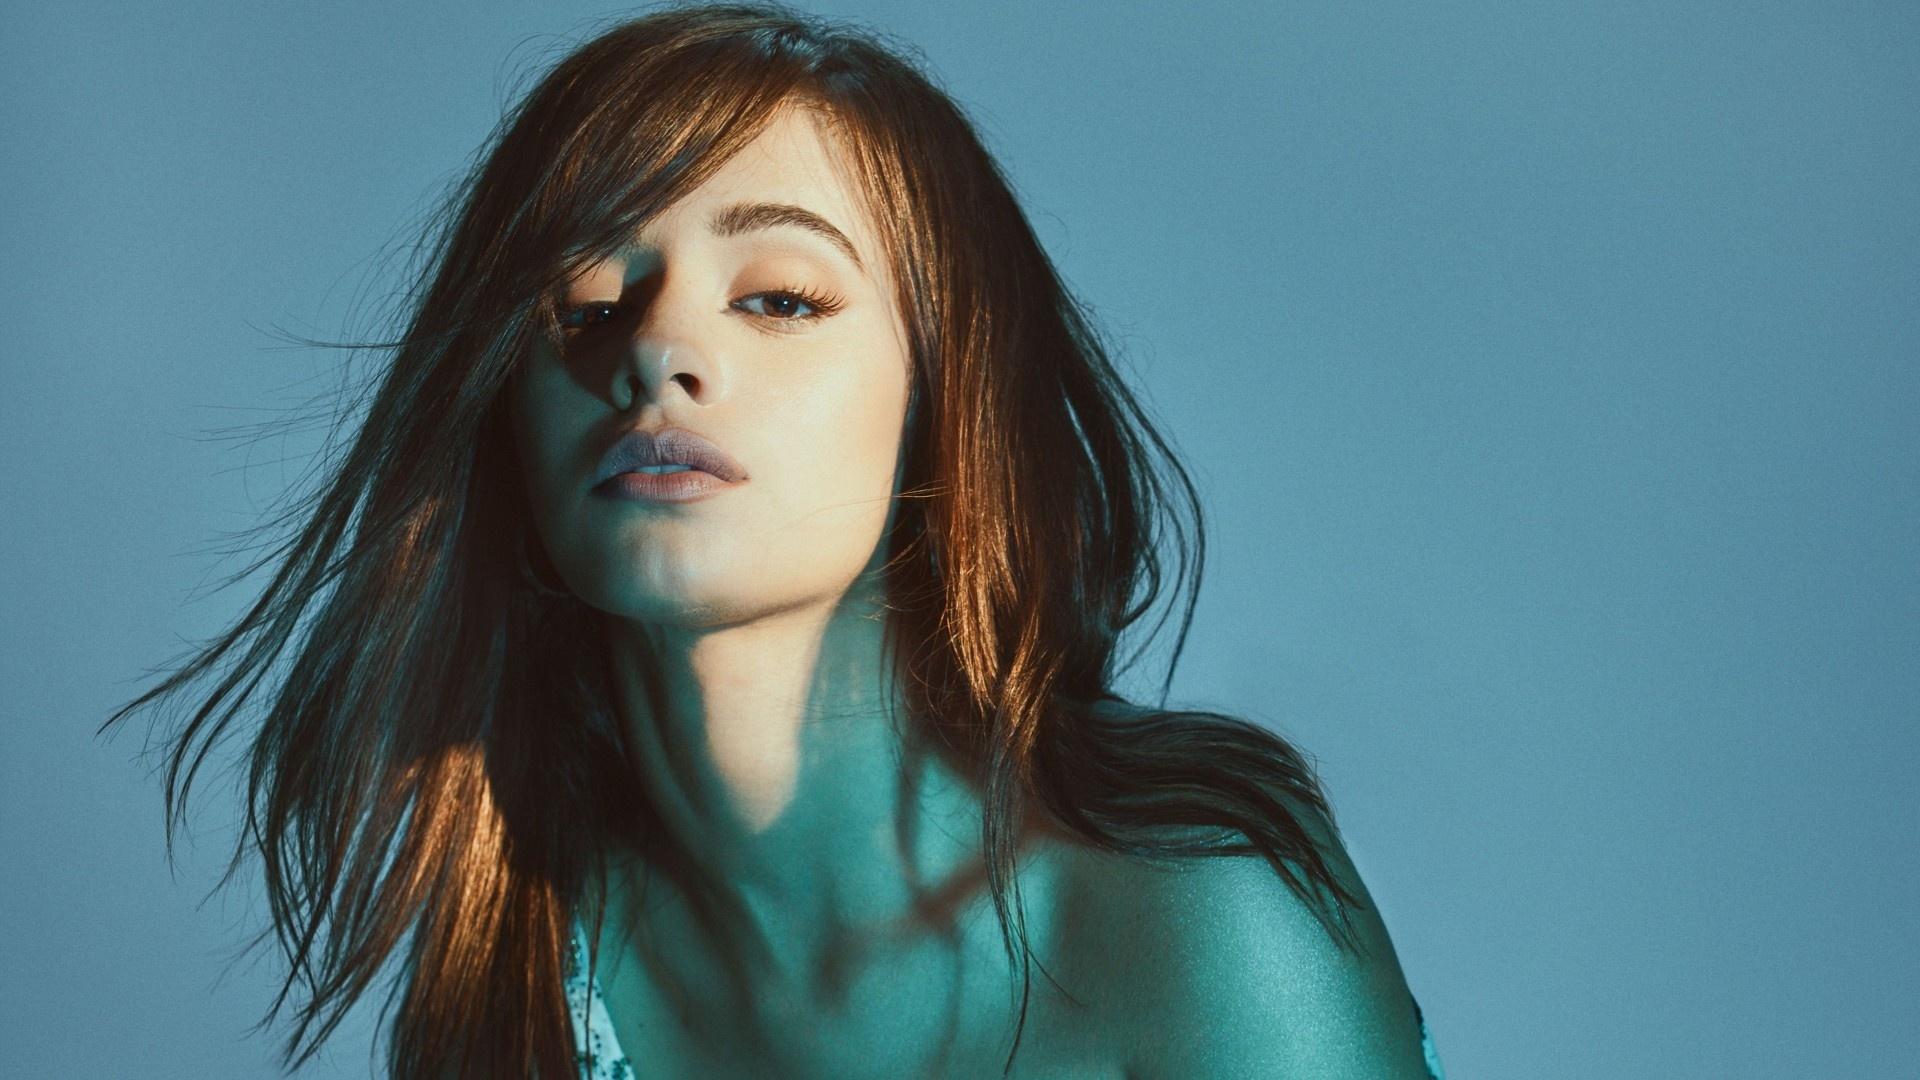 Camila Cabello hd wallpaper download